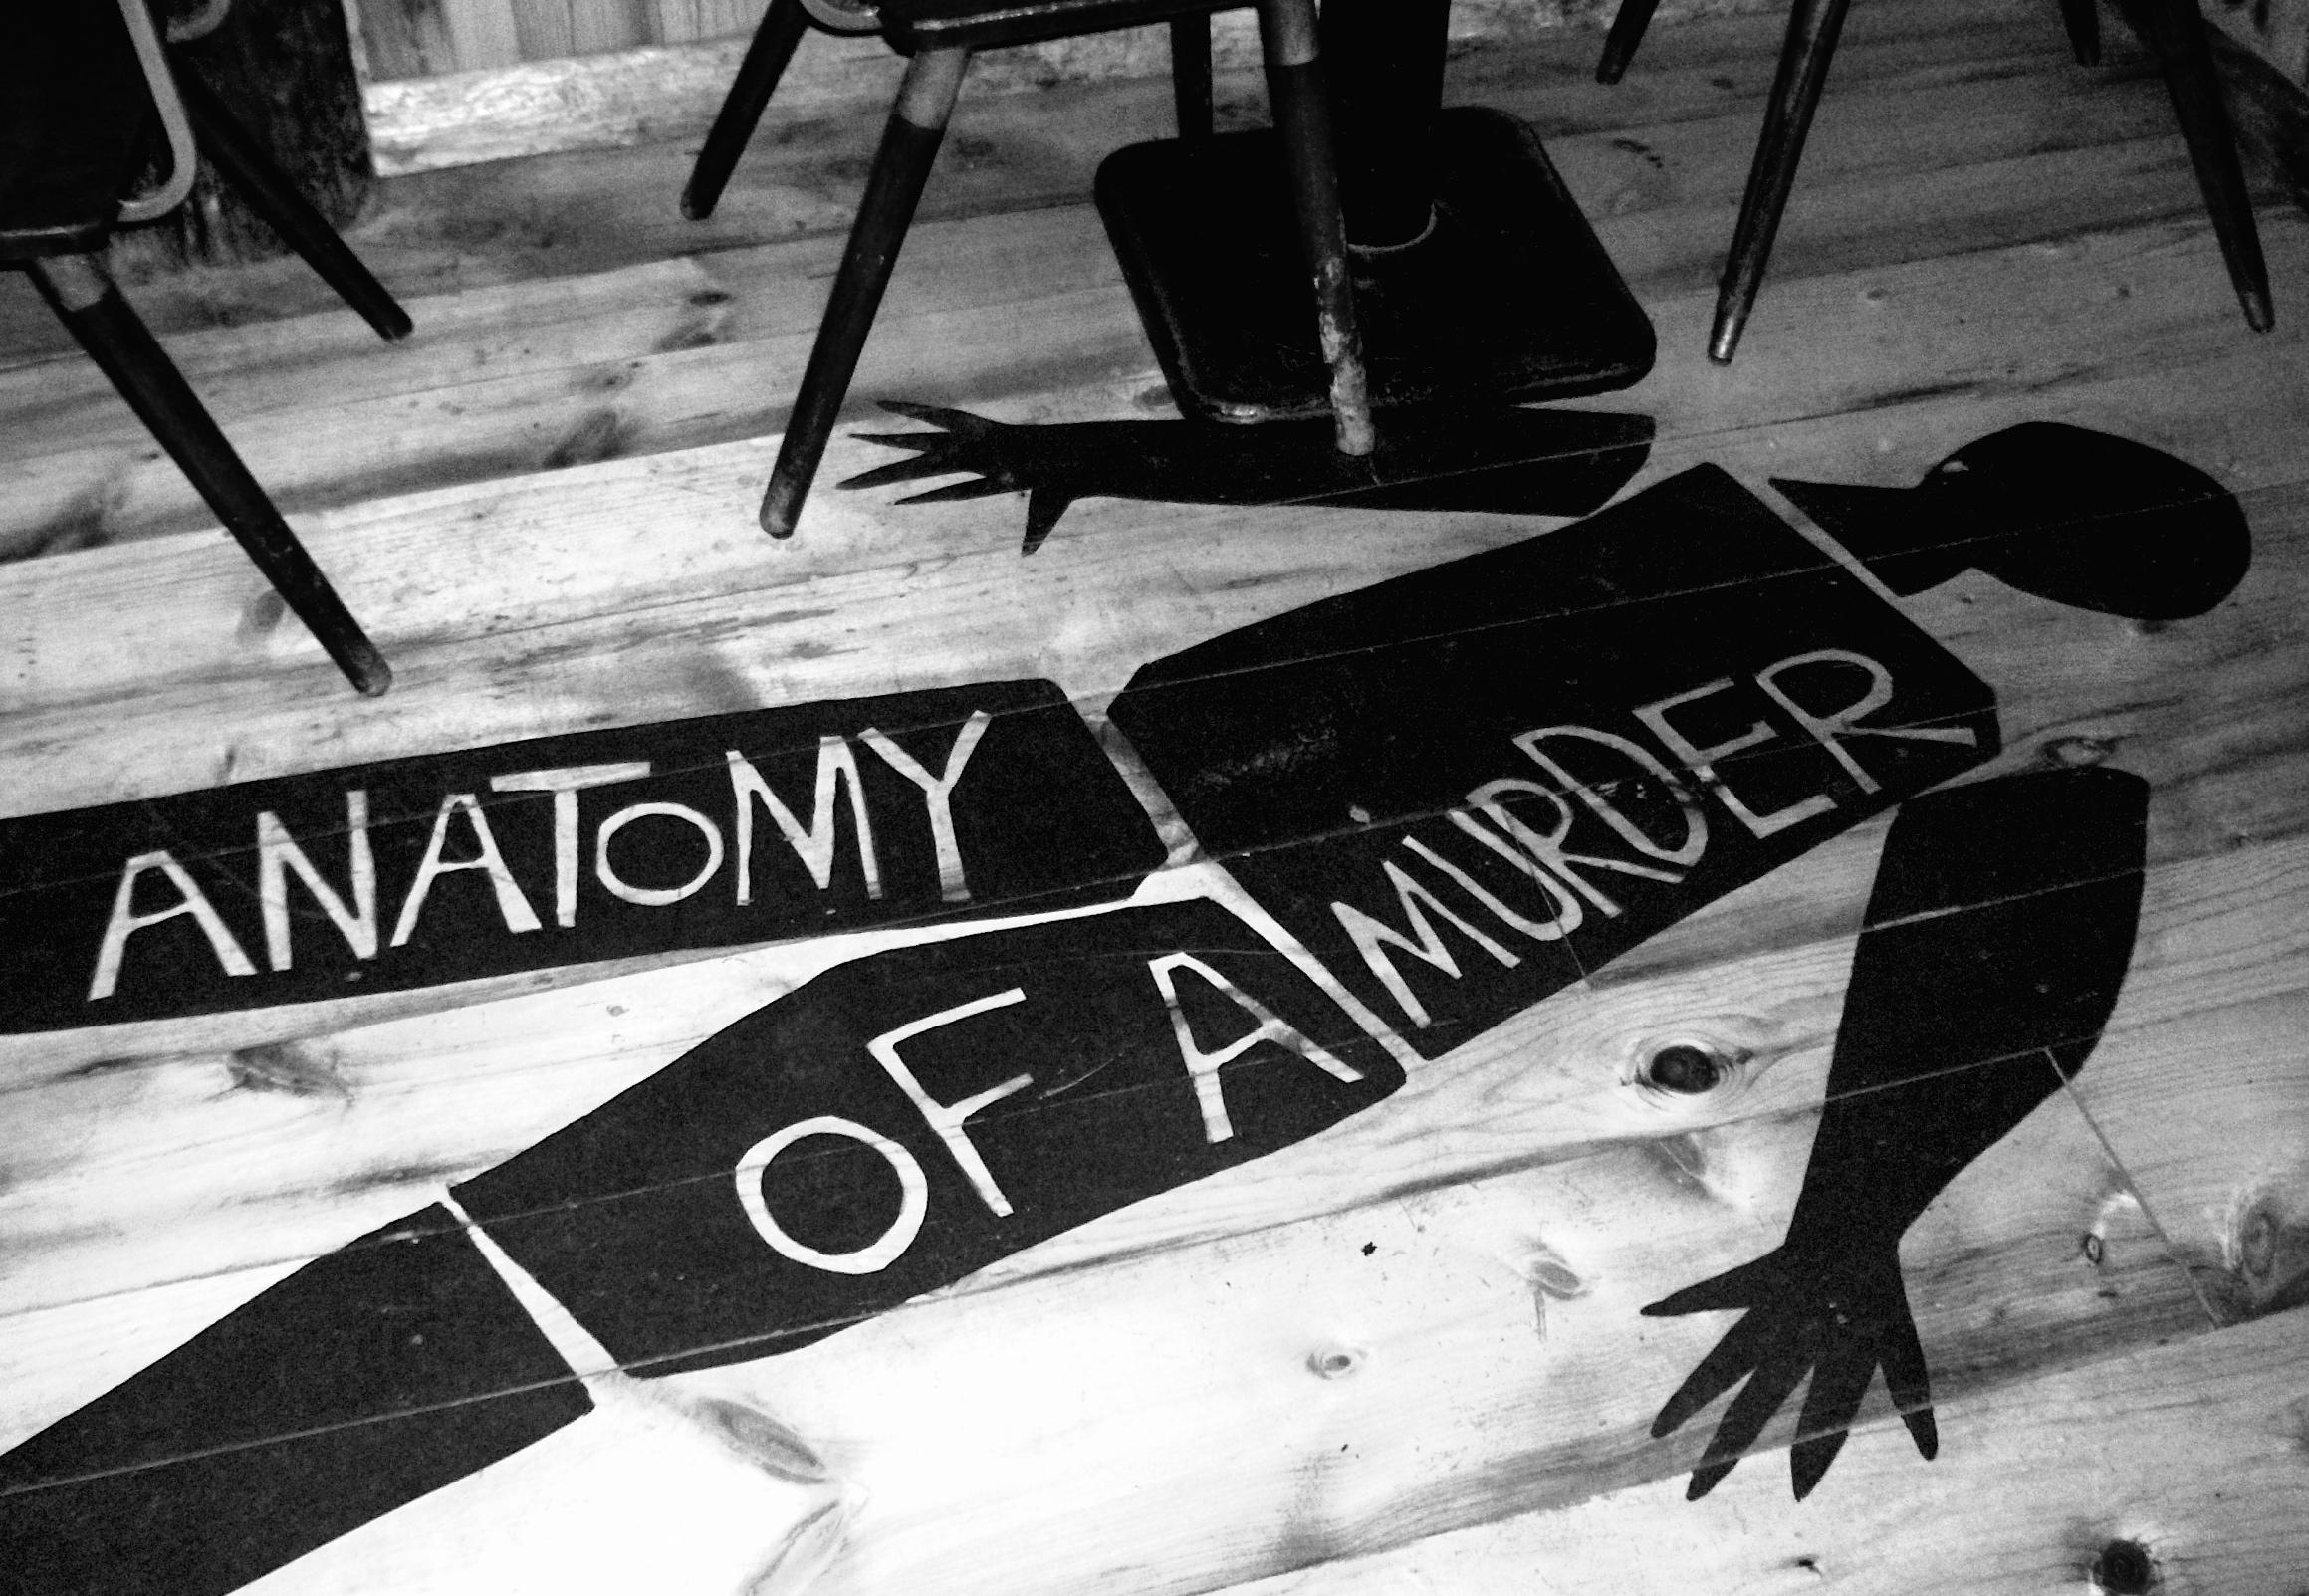 Una ópera prima, Anatomía de un asesinato | Cine y derecho